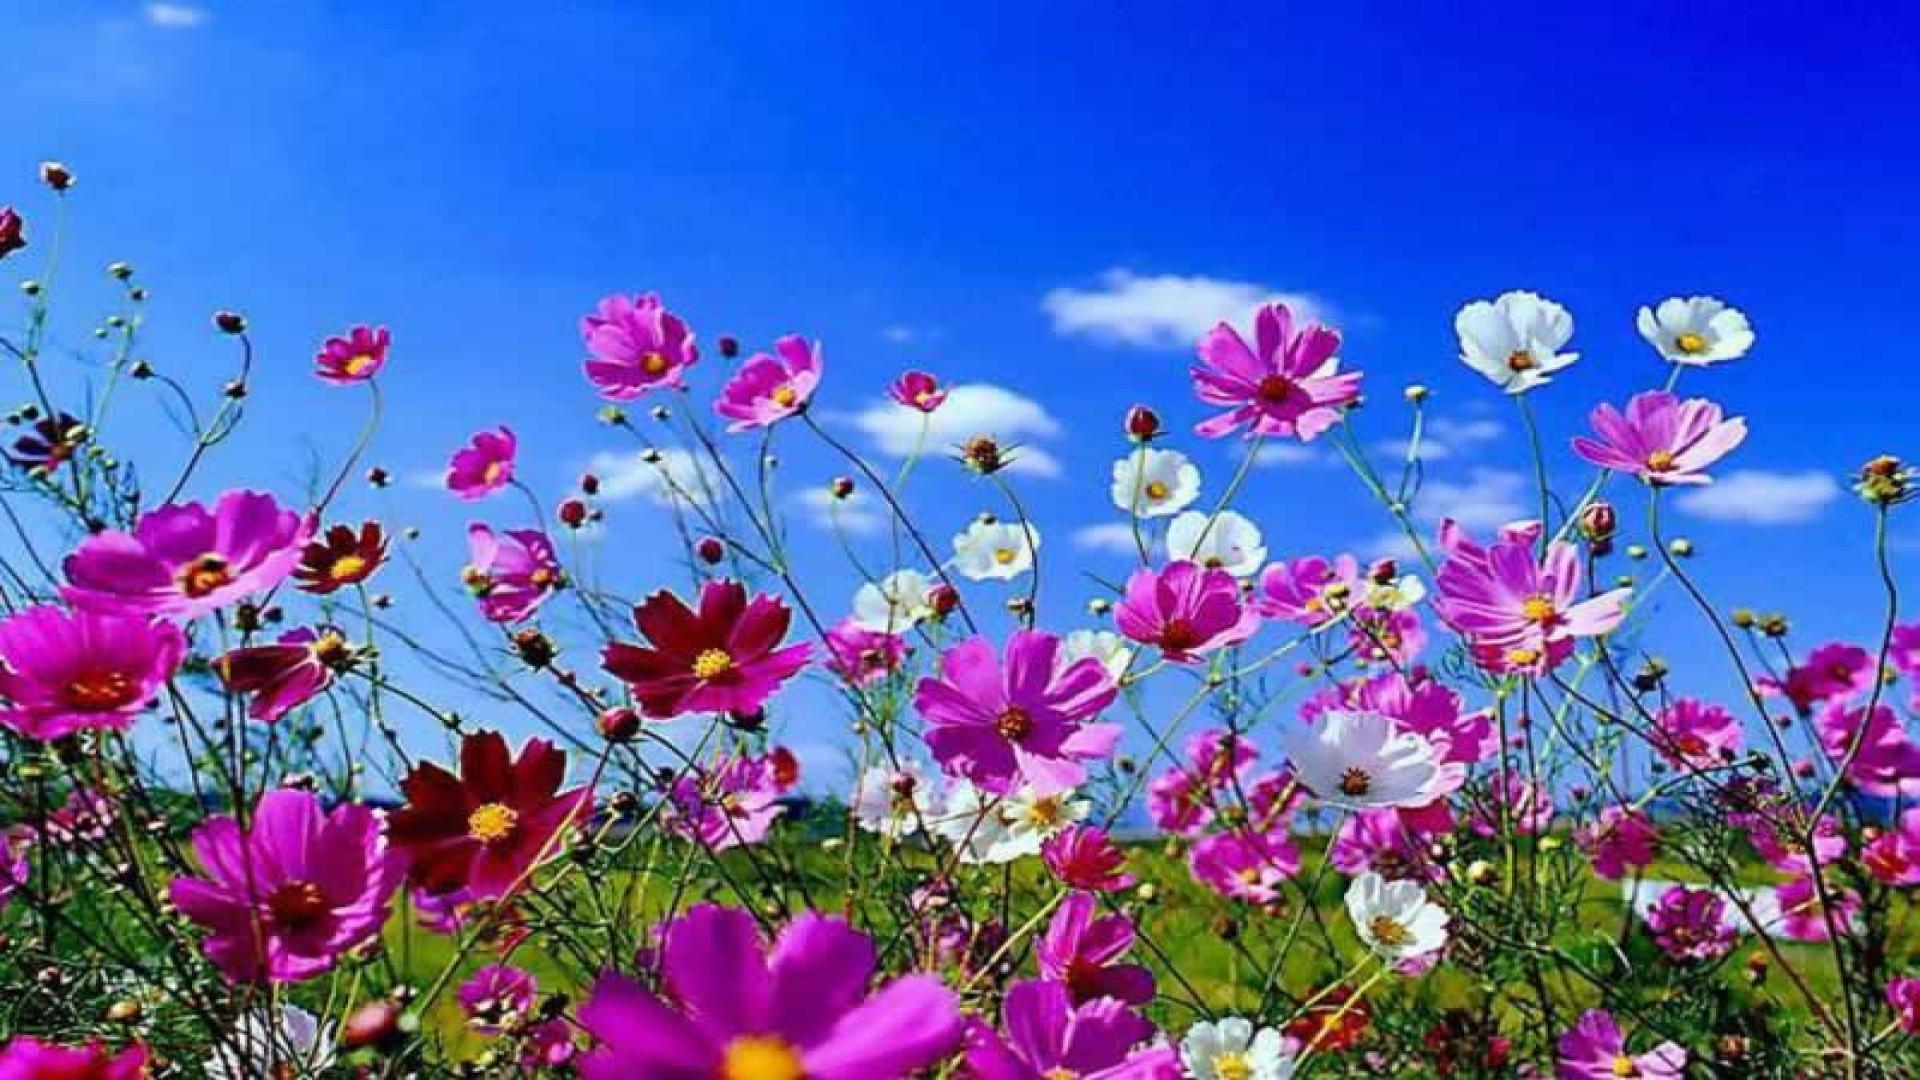 Pics Photos   Spring Desktop Wallpapers 1920x1080